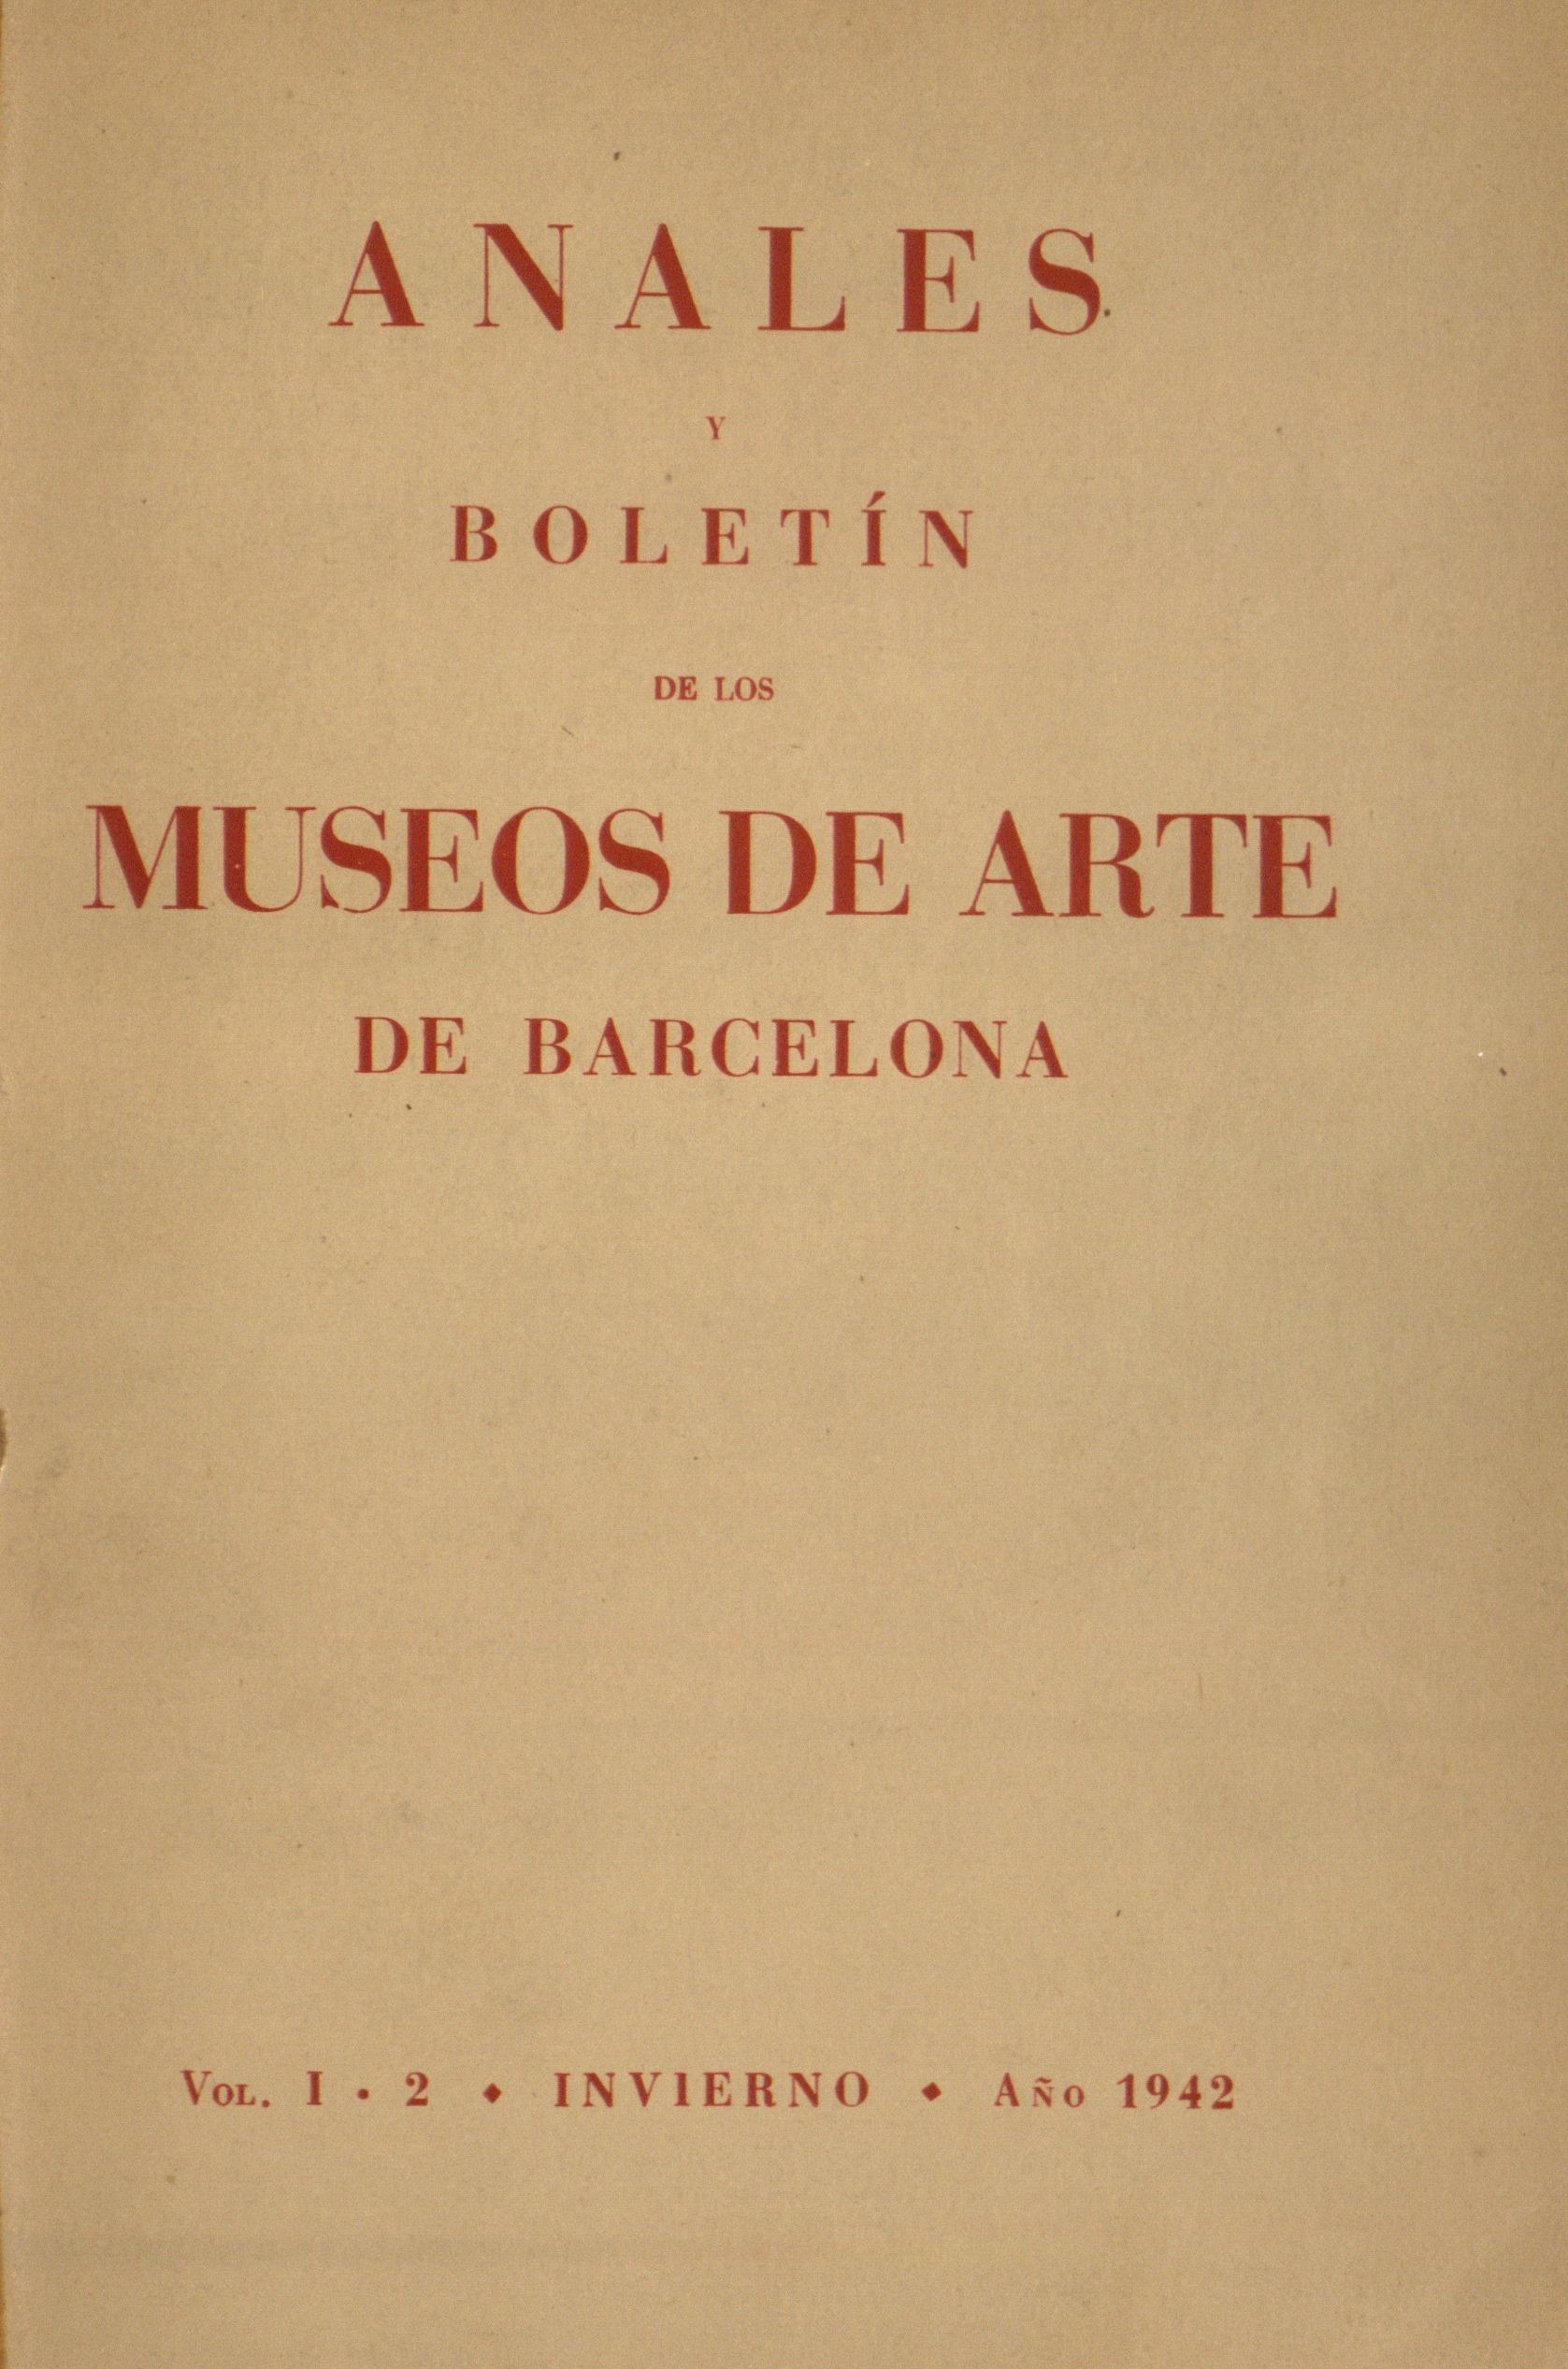 Vol. 1, núm. 2 (1942)